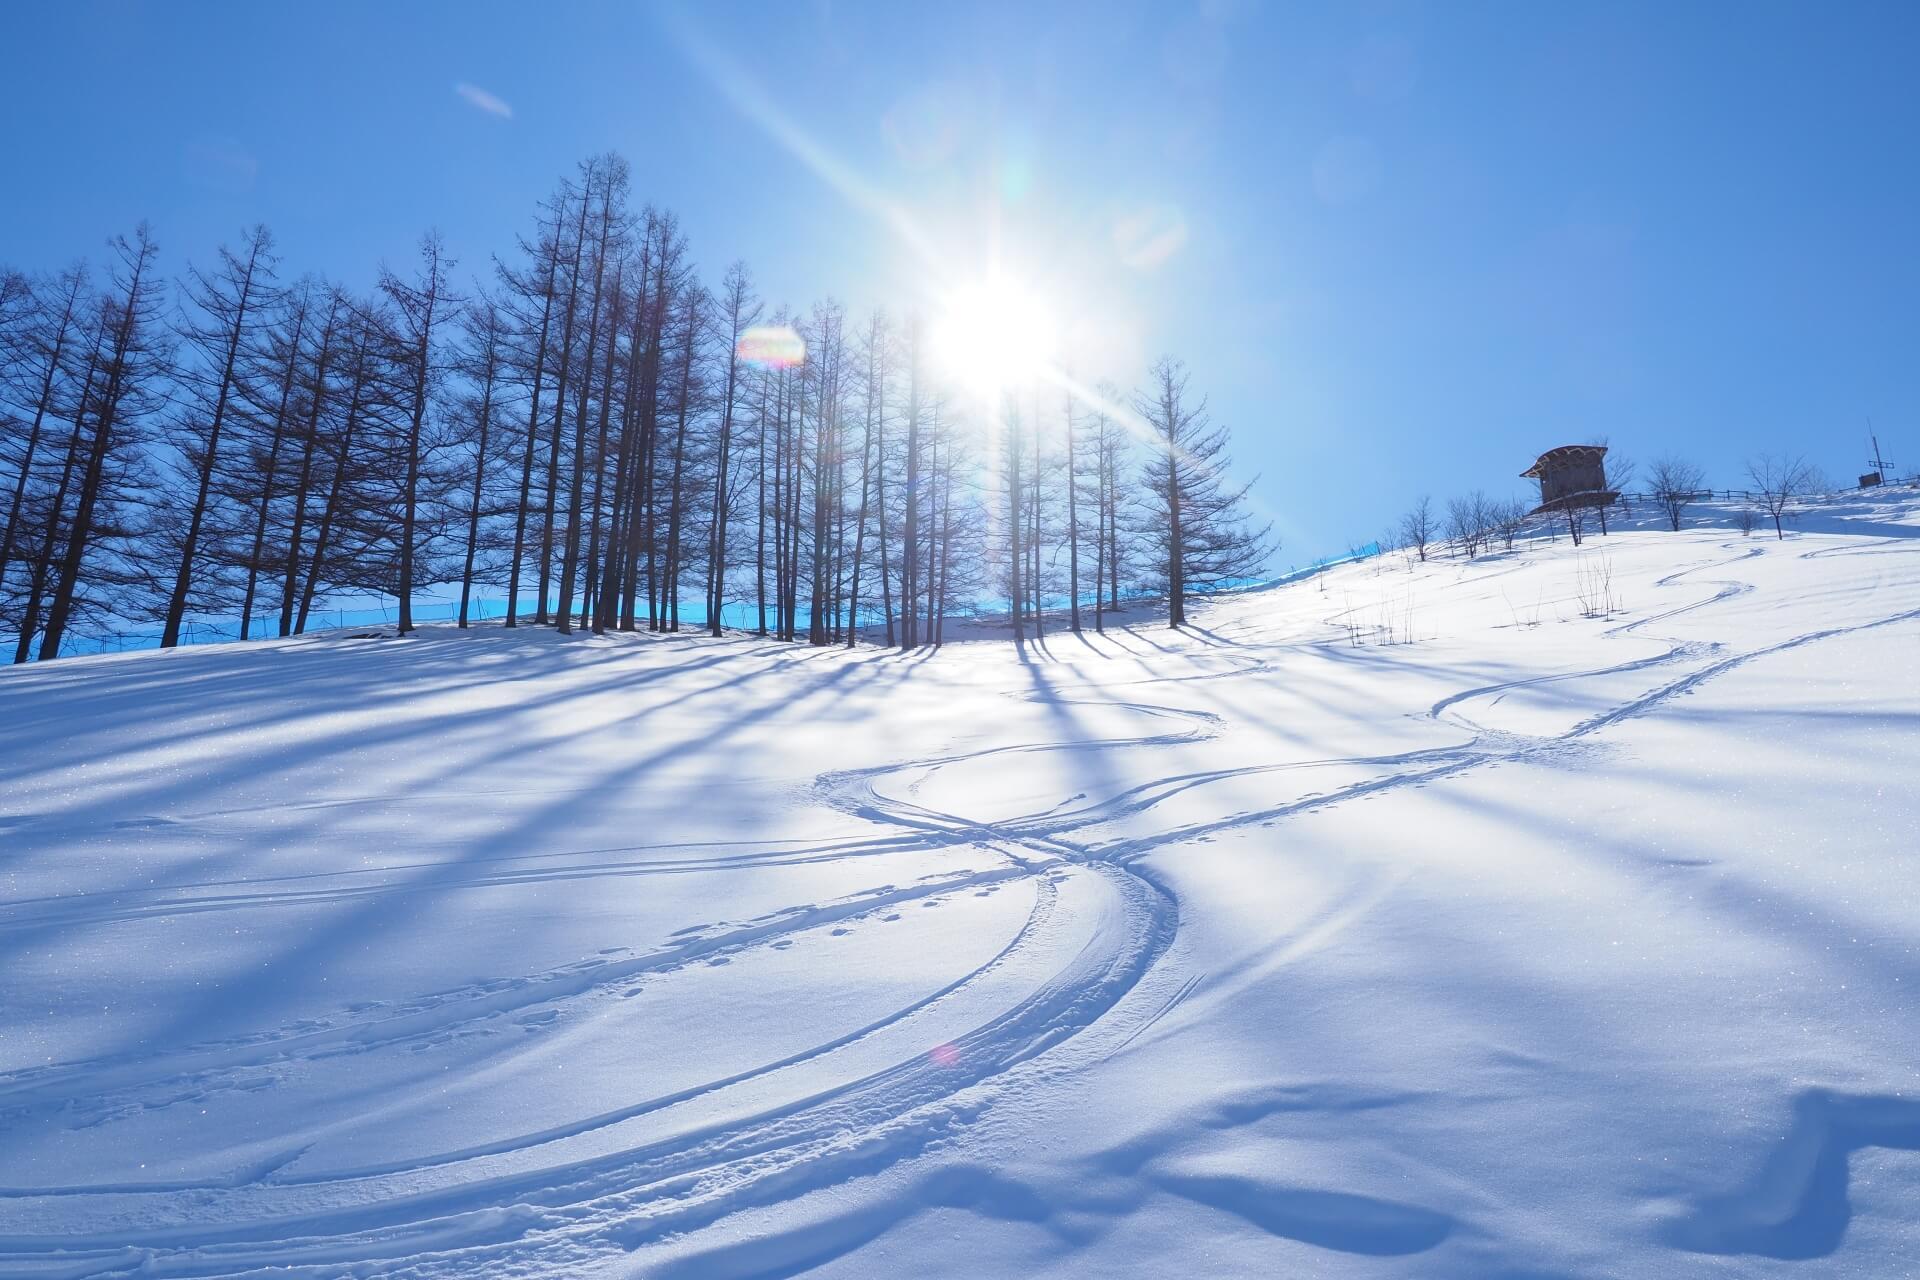 お気に入りのスキー板を買ったらスキーケースにもこだわろう